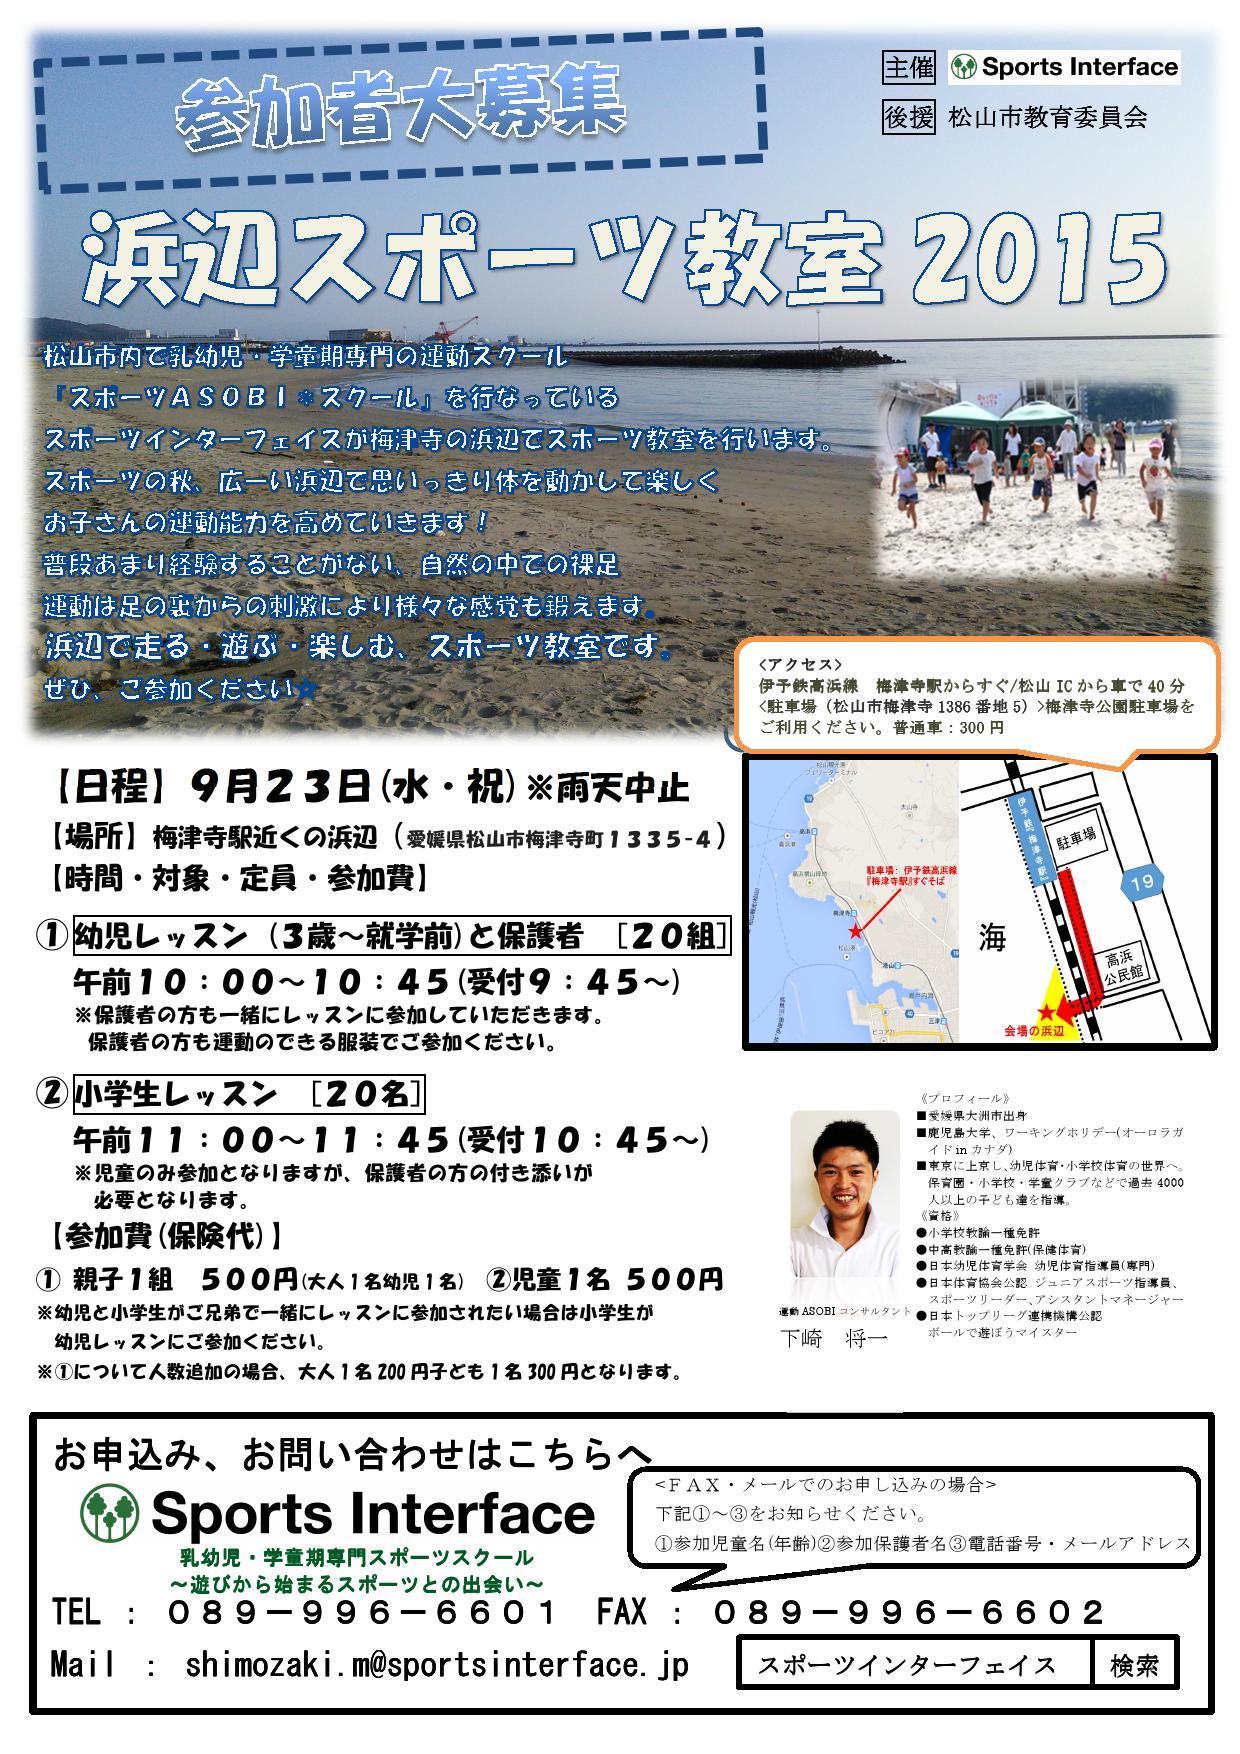 Microsoft Word - 浜辺スポーツ (チラシ)0001